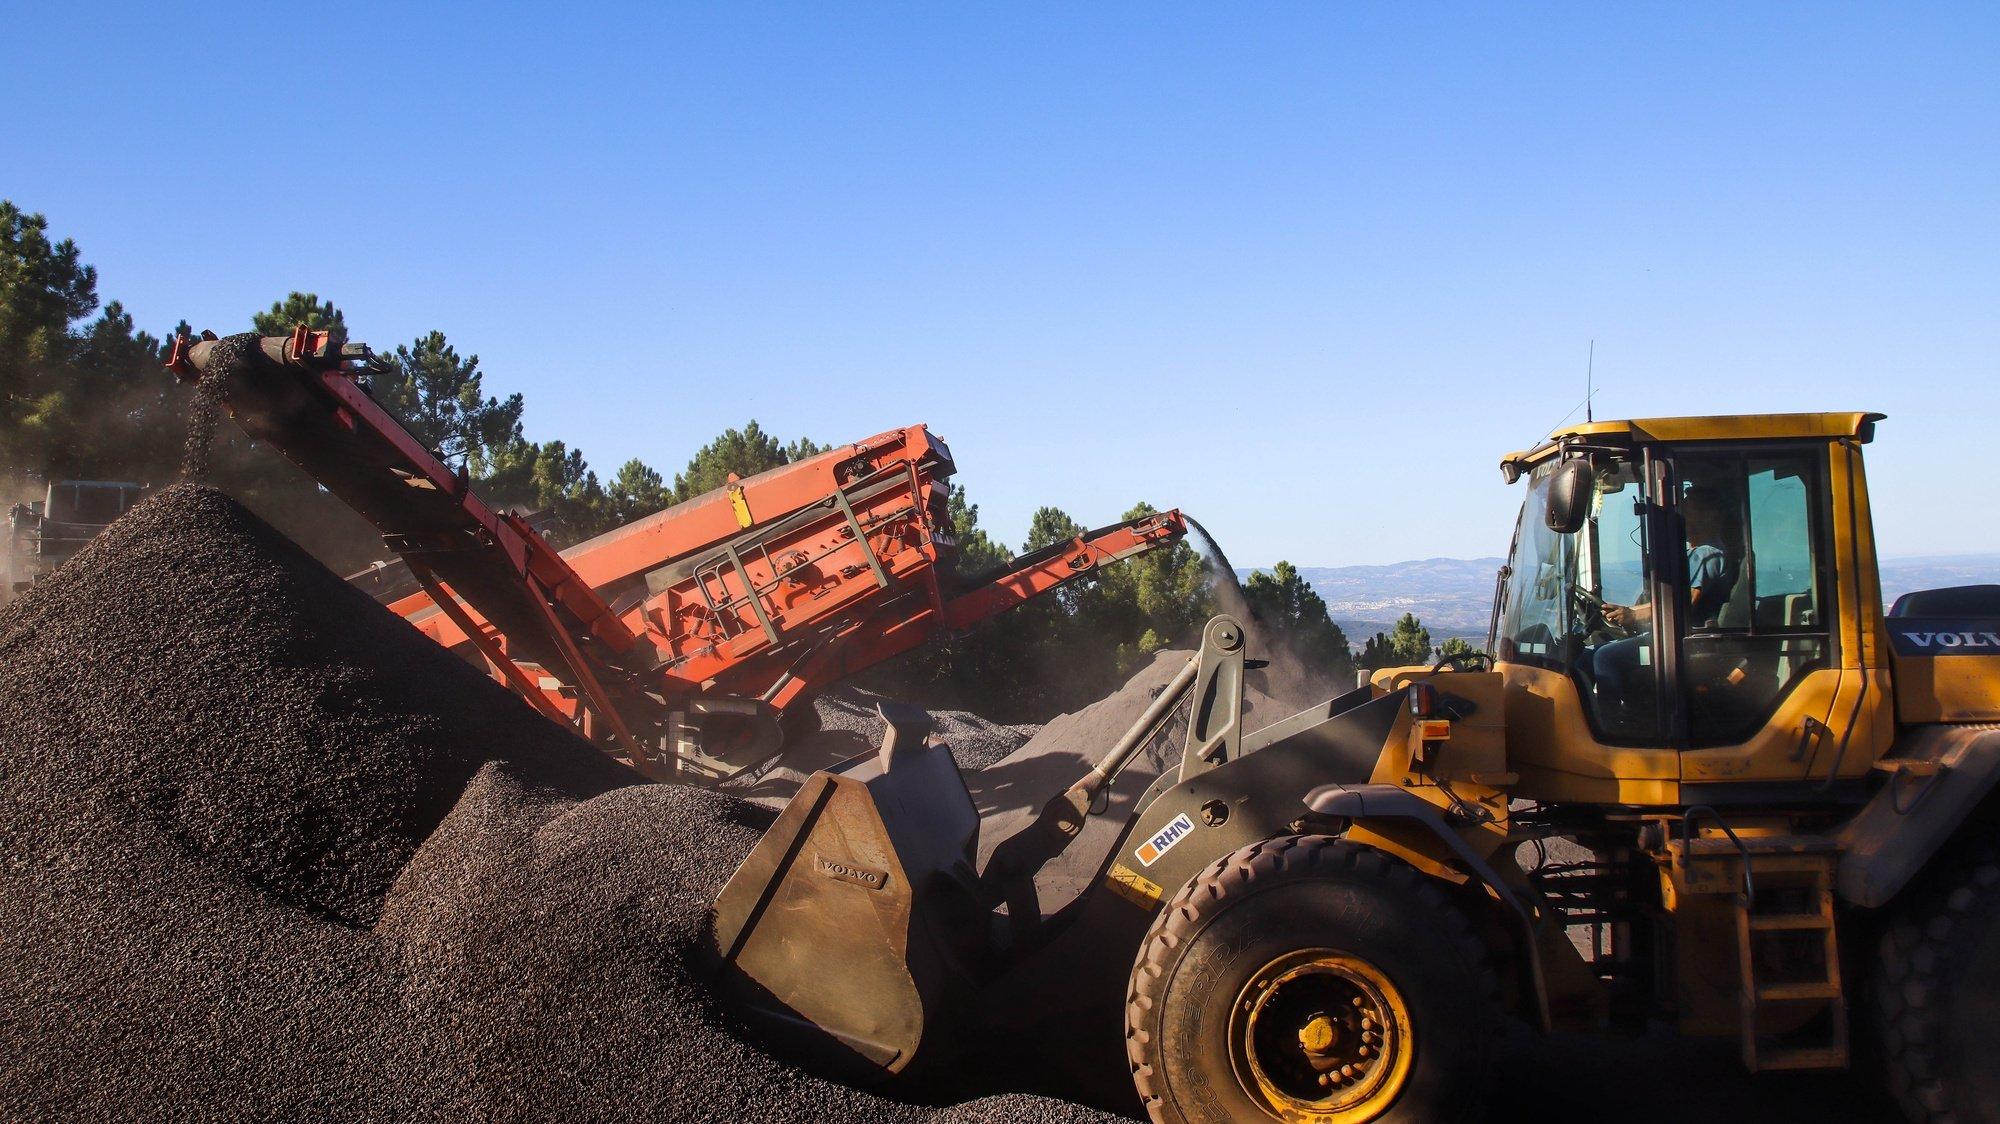 A concessionária das minas de Moncorvo, Aethel Mining Limited, deu início a extração de duas mil toneladas diárias de agregado de ferro de alta densidade, certificado, provenientes do depósito da Mua, 12 de outubro de 2021. O projeto mineiro instalado no cabeço da Mua, no concelho de Torre de Moncorvo, no distrito de Bragança, foi retomado no dia 13 março de 2020, após 38 anos de abandono, estando previsto um investimento de 550 milhões de euros para os próximos 60 anos. ( ACOMPANHA TEXTO DO DIA 13 DE OUTUBRO DE 2021). FOTO FRANCISCO PINTO/LUSA